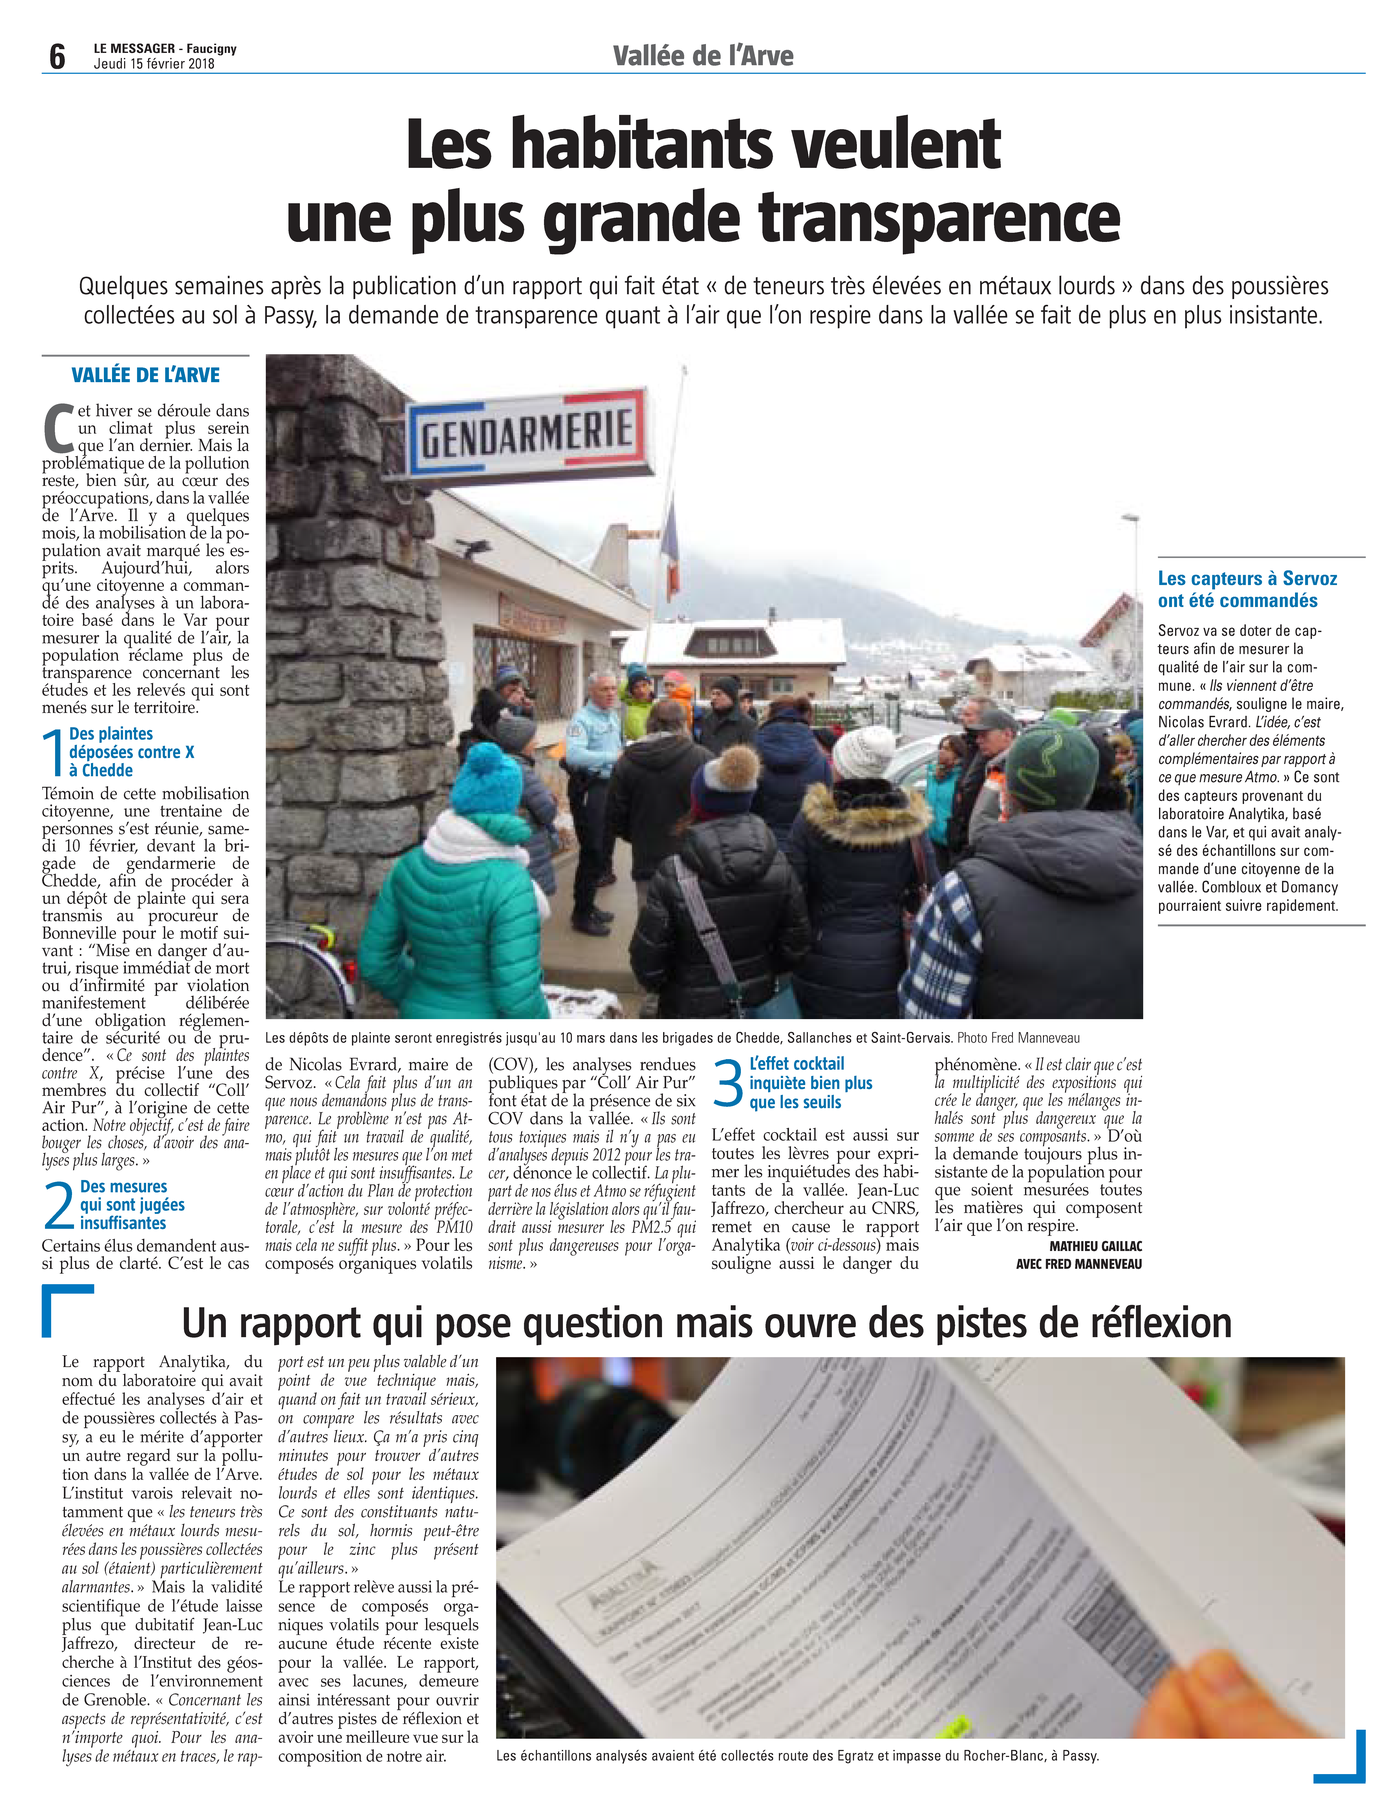 """15.02.2018 > LE MESSAGER : """"Vallée de l'Arve : Les habitants veulent une plus grande transparence"""""""